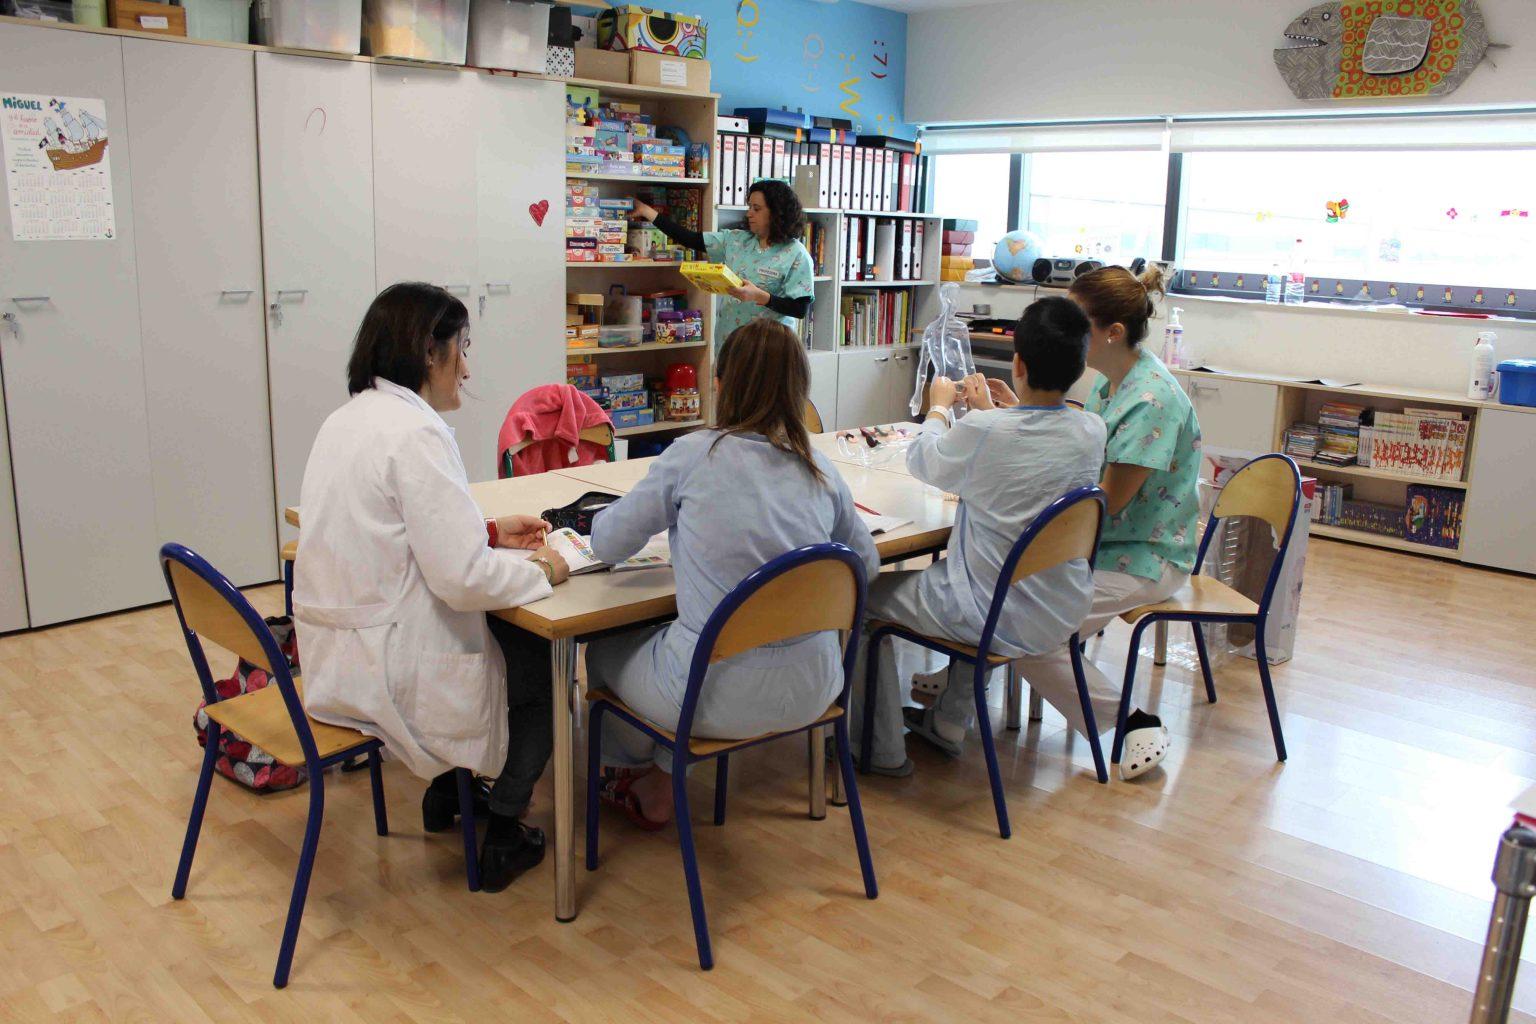 profesoras dan clase a varios alumnos en un hospital